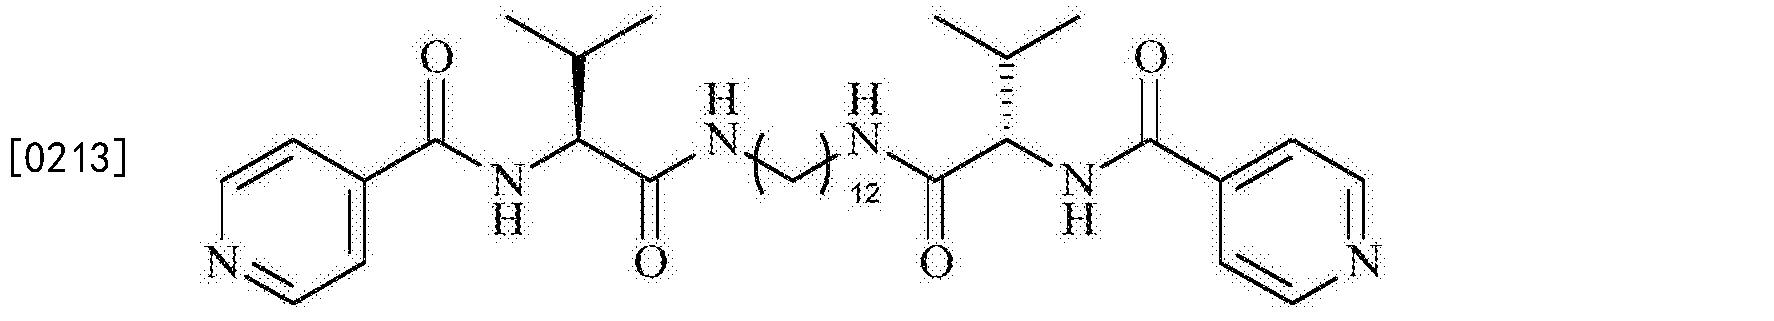 Figure CN105492587BD00242